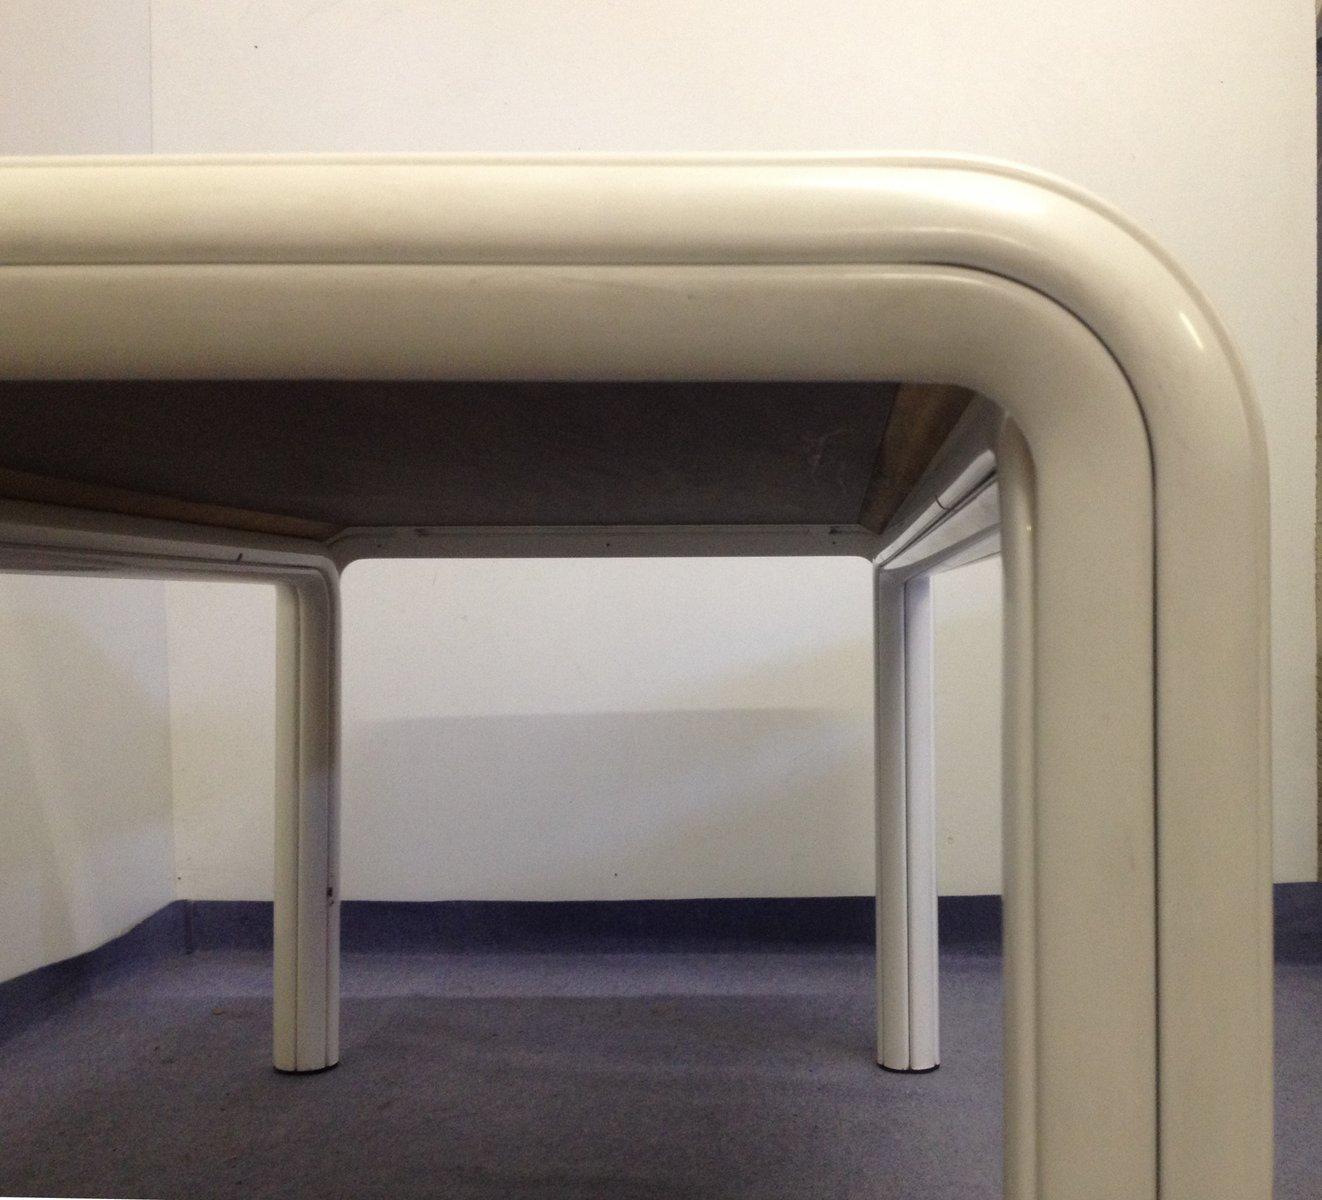 Table de salle manger orsay vintage par gae aulenti pour for 3 suisses table de salle a manger